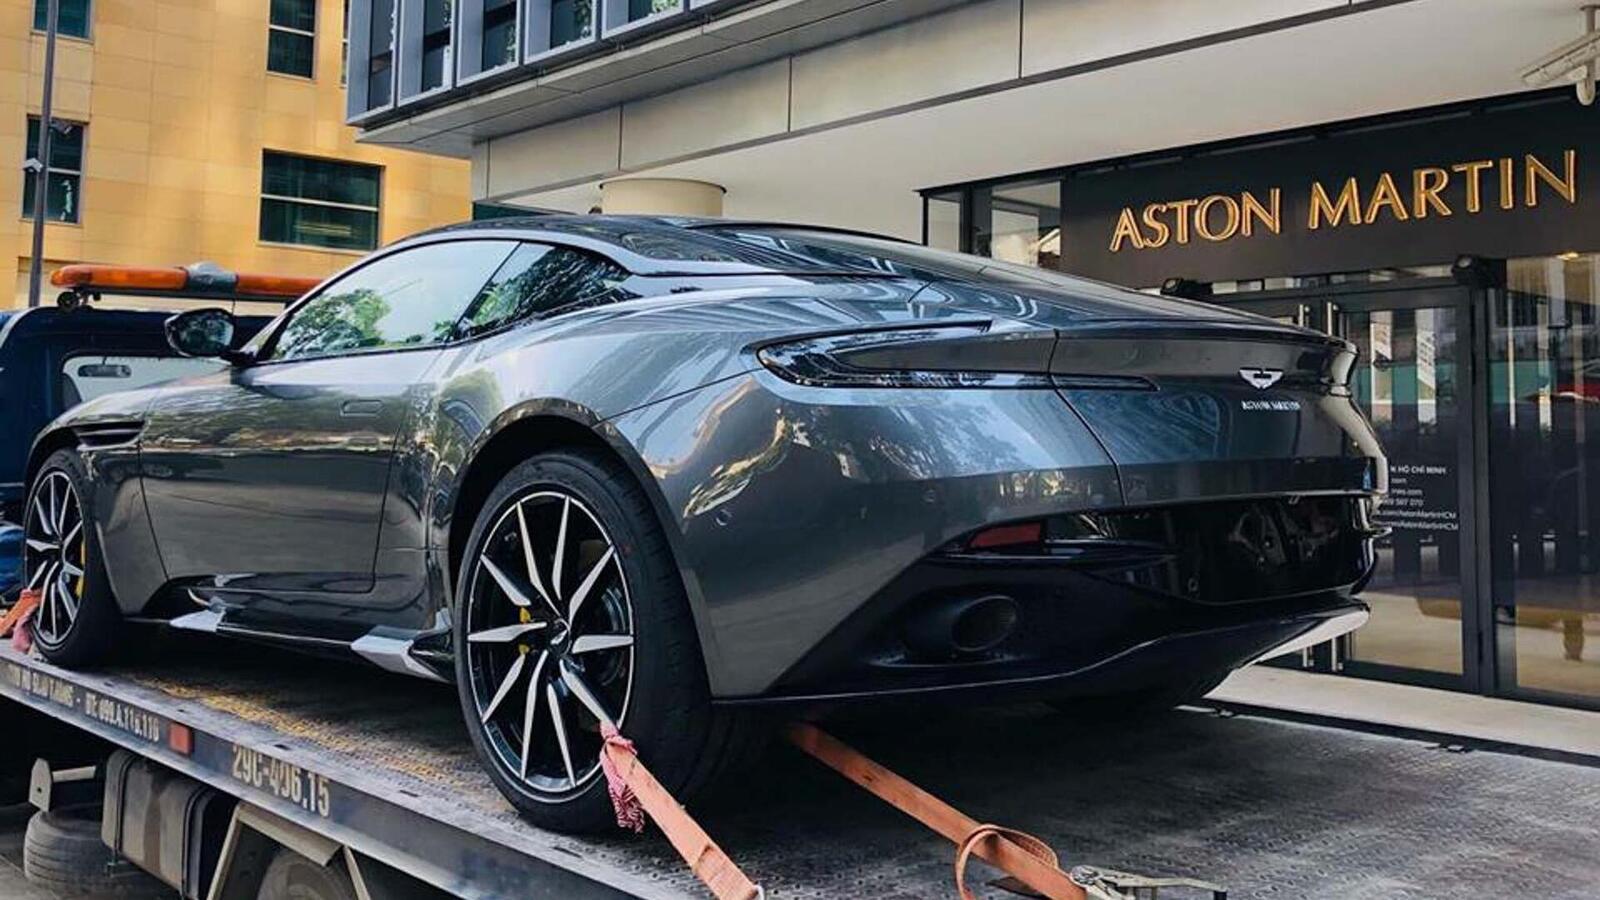 siêu xe aston martin db11 về việt nam; xe nhập chính hãng | dailyxe